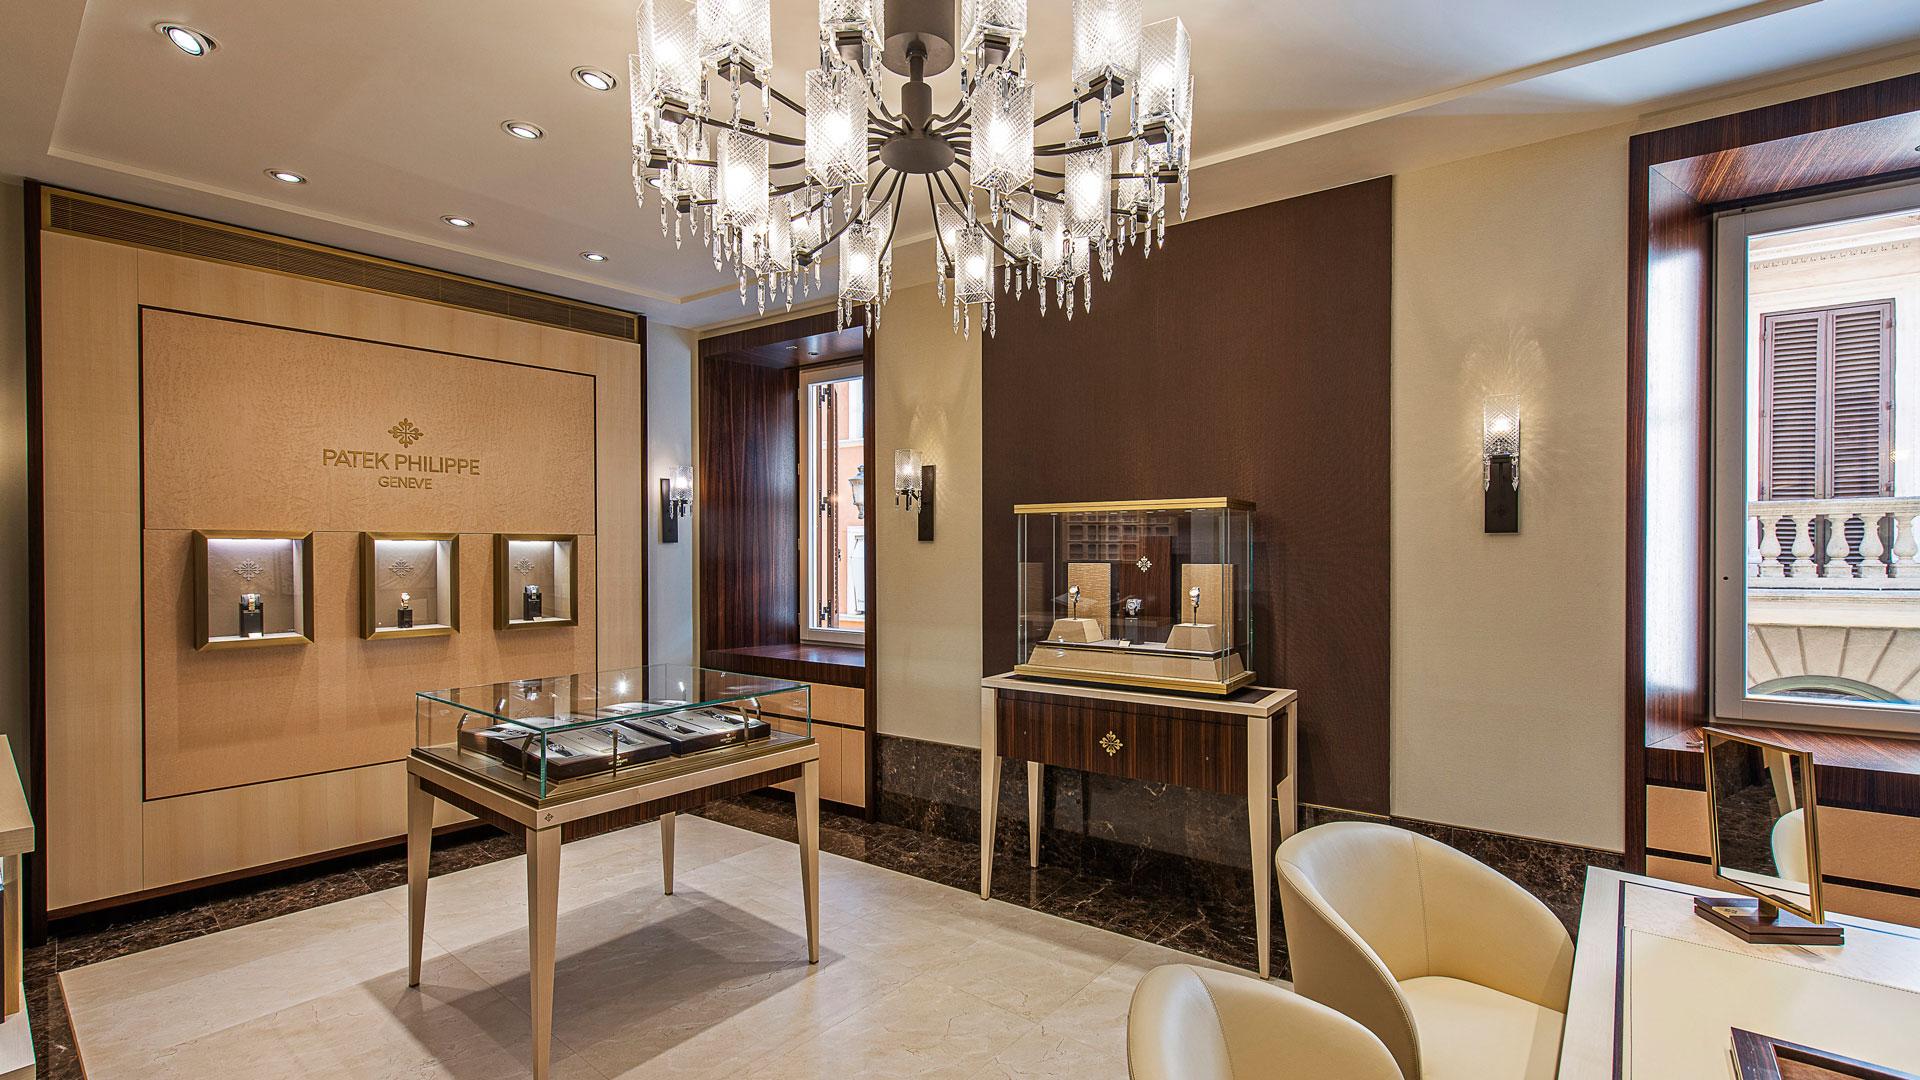 Hausmann & Co. Patek Philippe Boutique